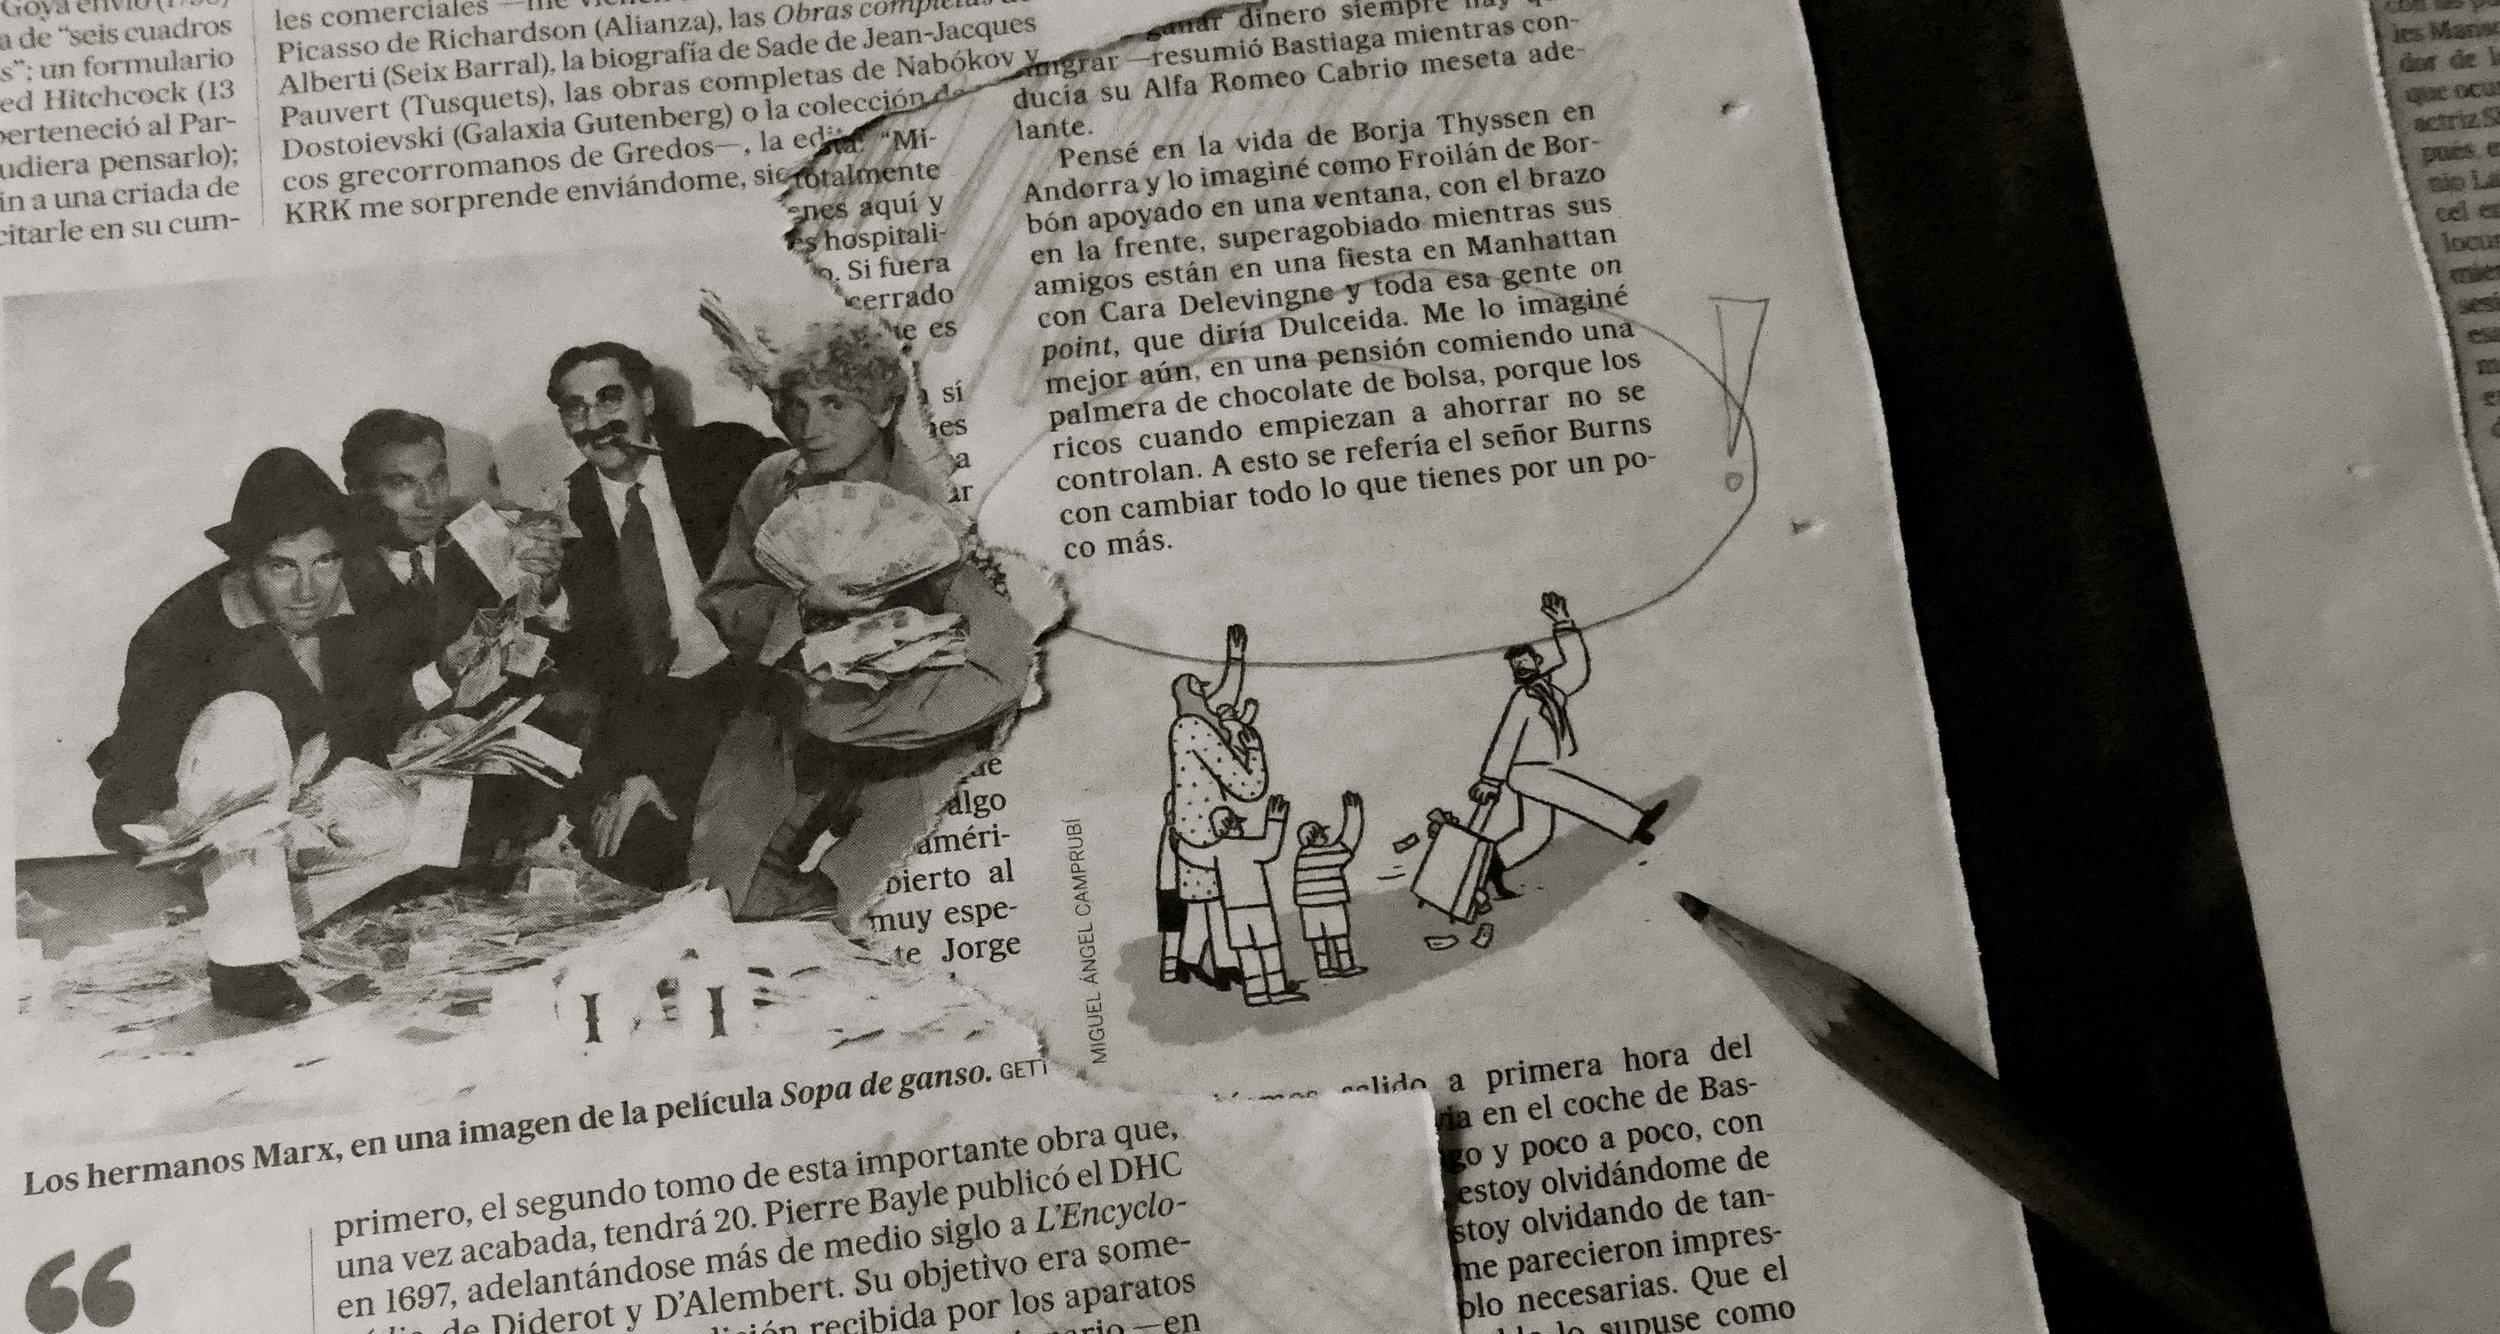 Páginas encontradas . El koan del señor Burns y los Marx